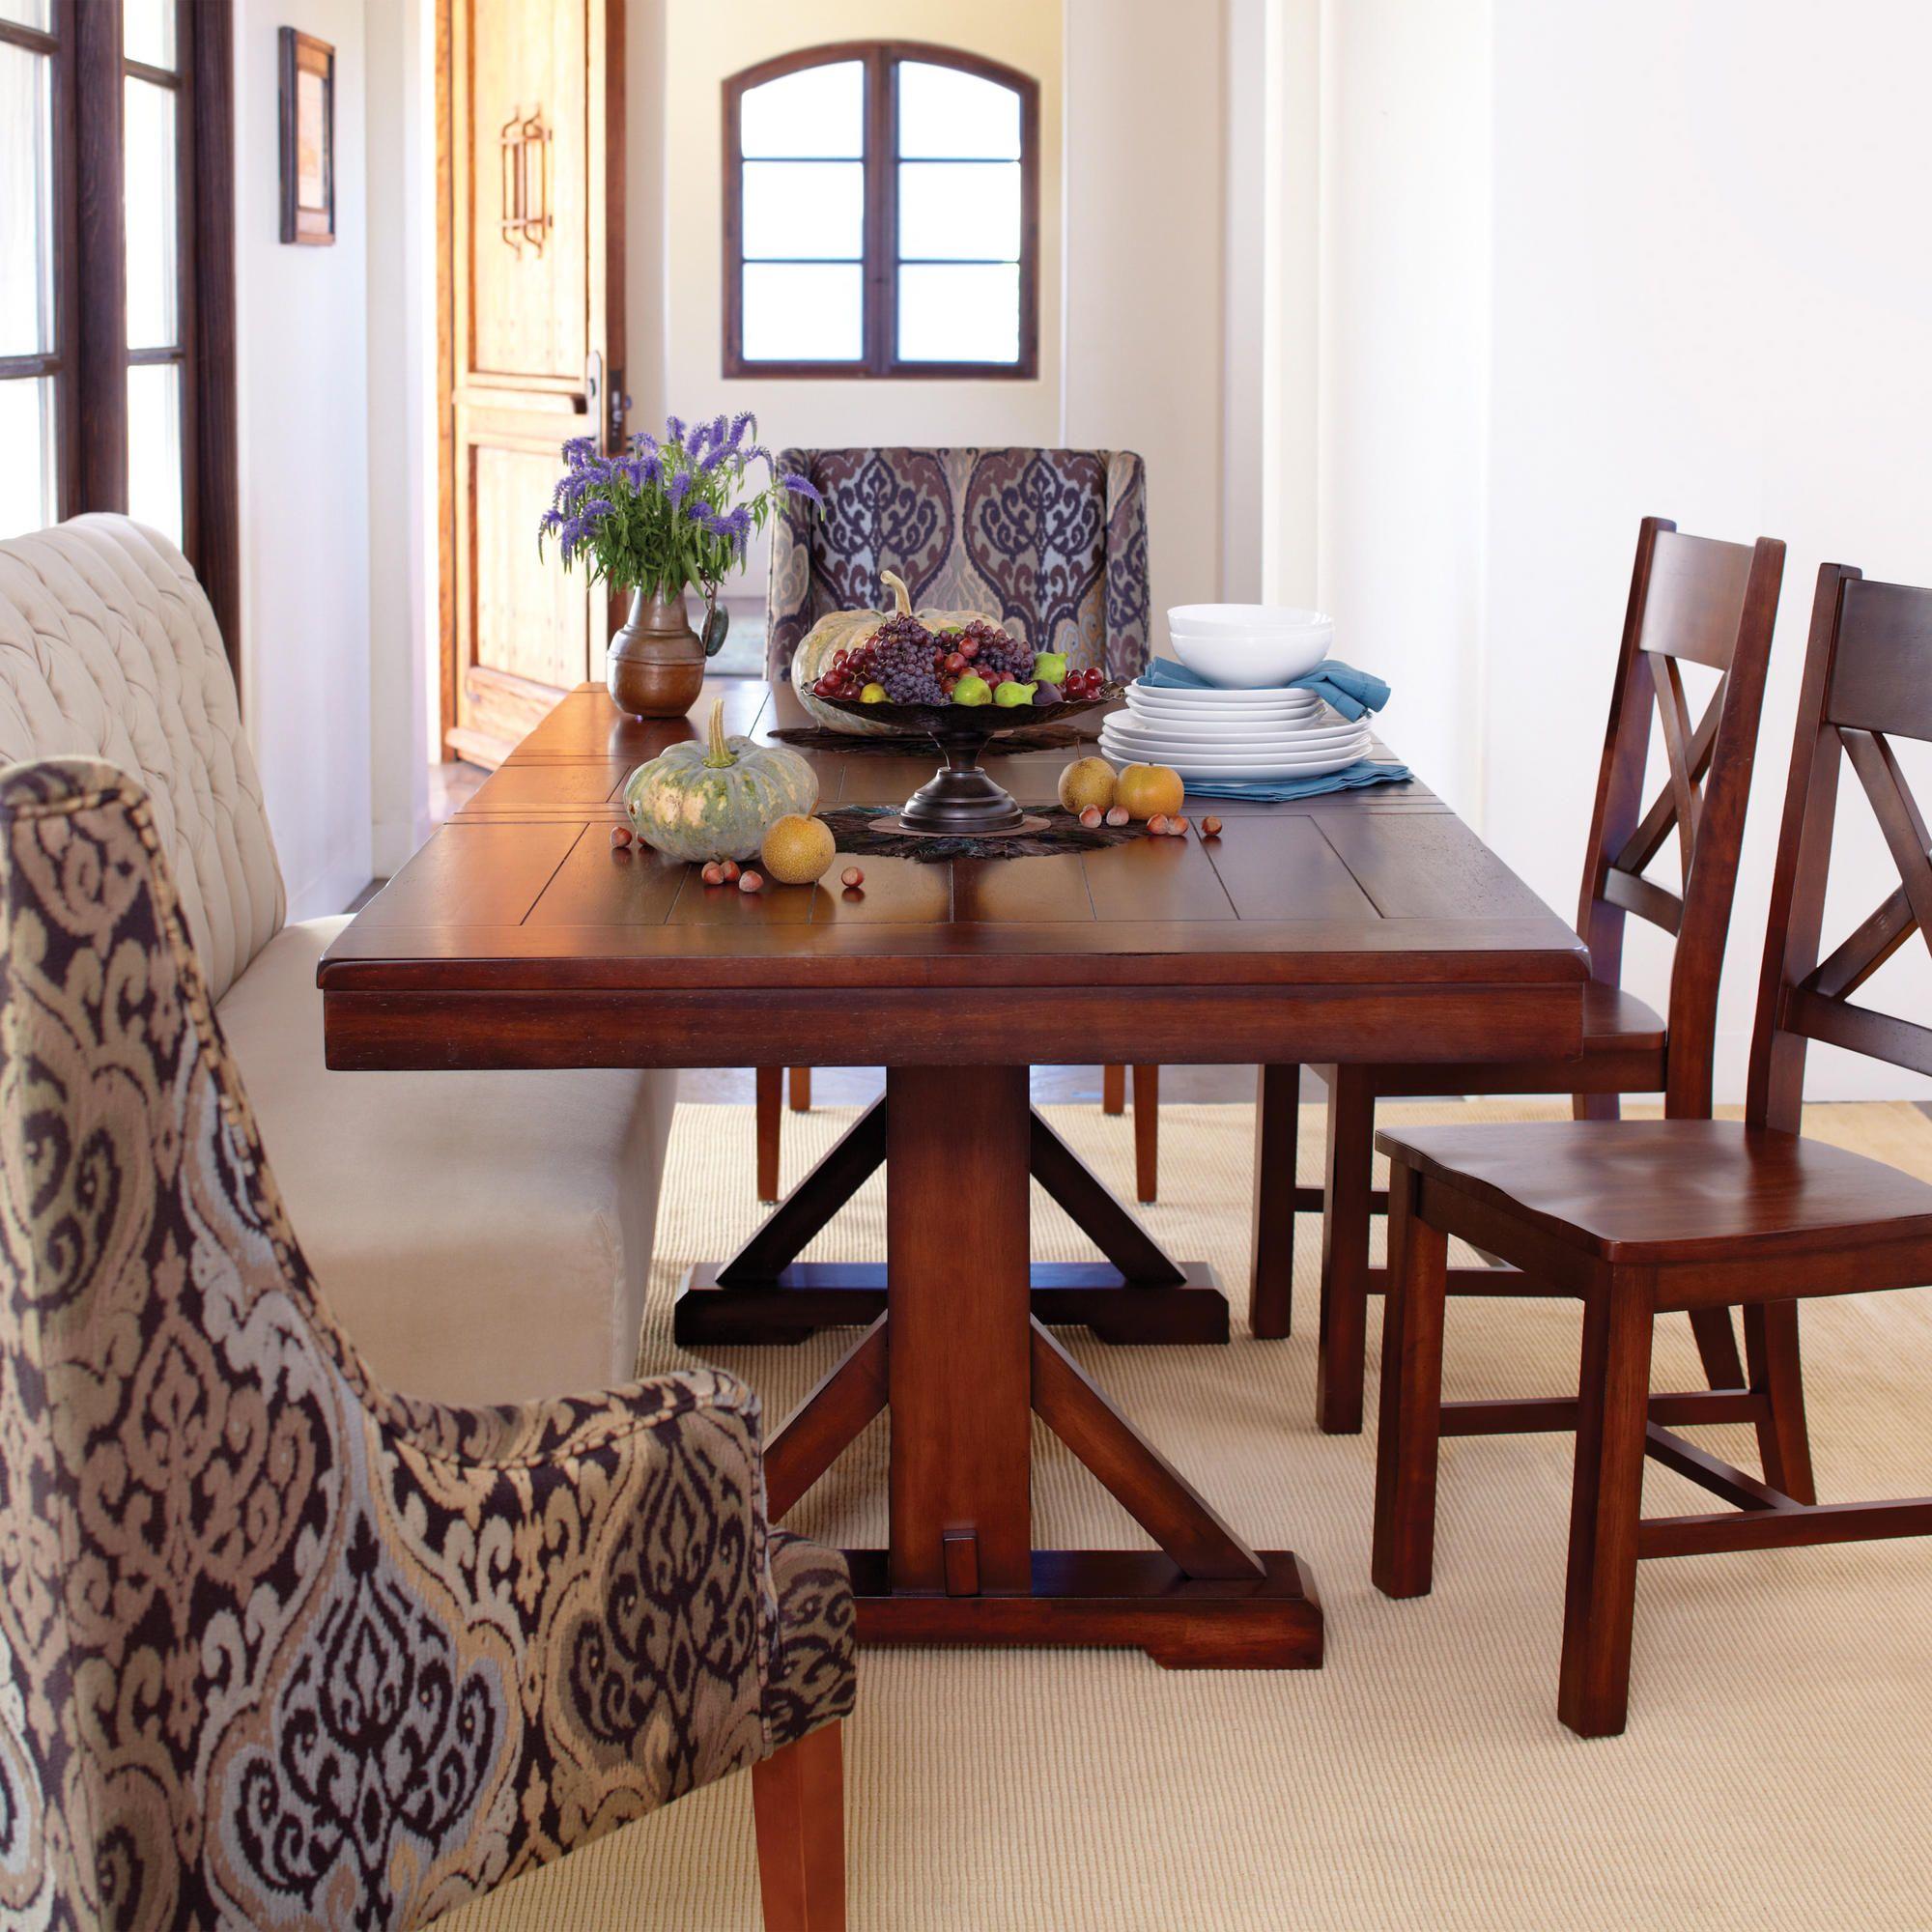 World Market Dining Room Tables: Mahogany Verona Trestle Table